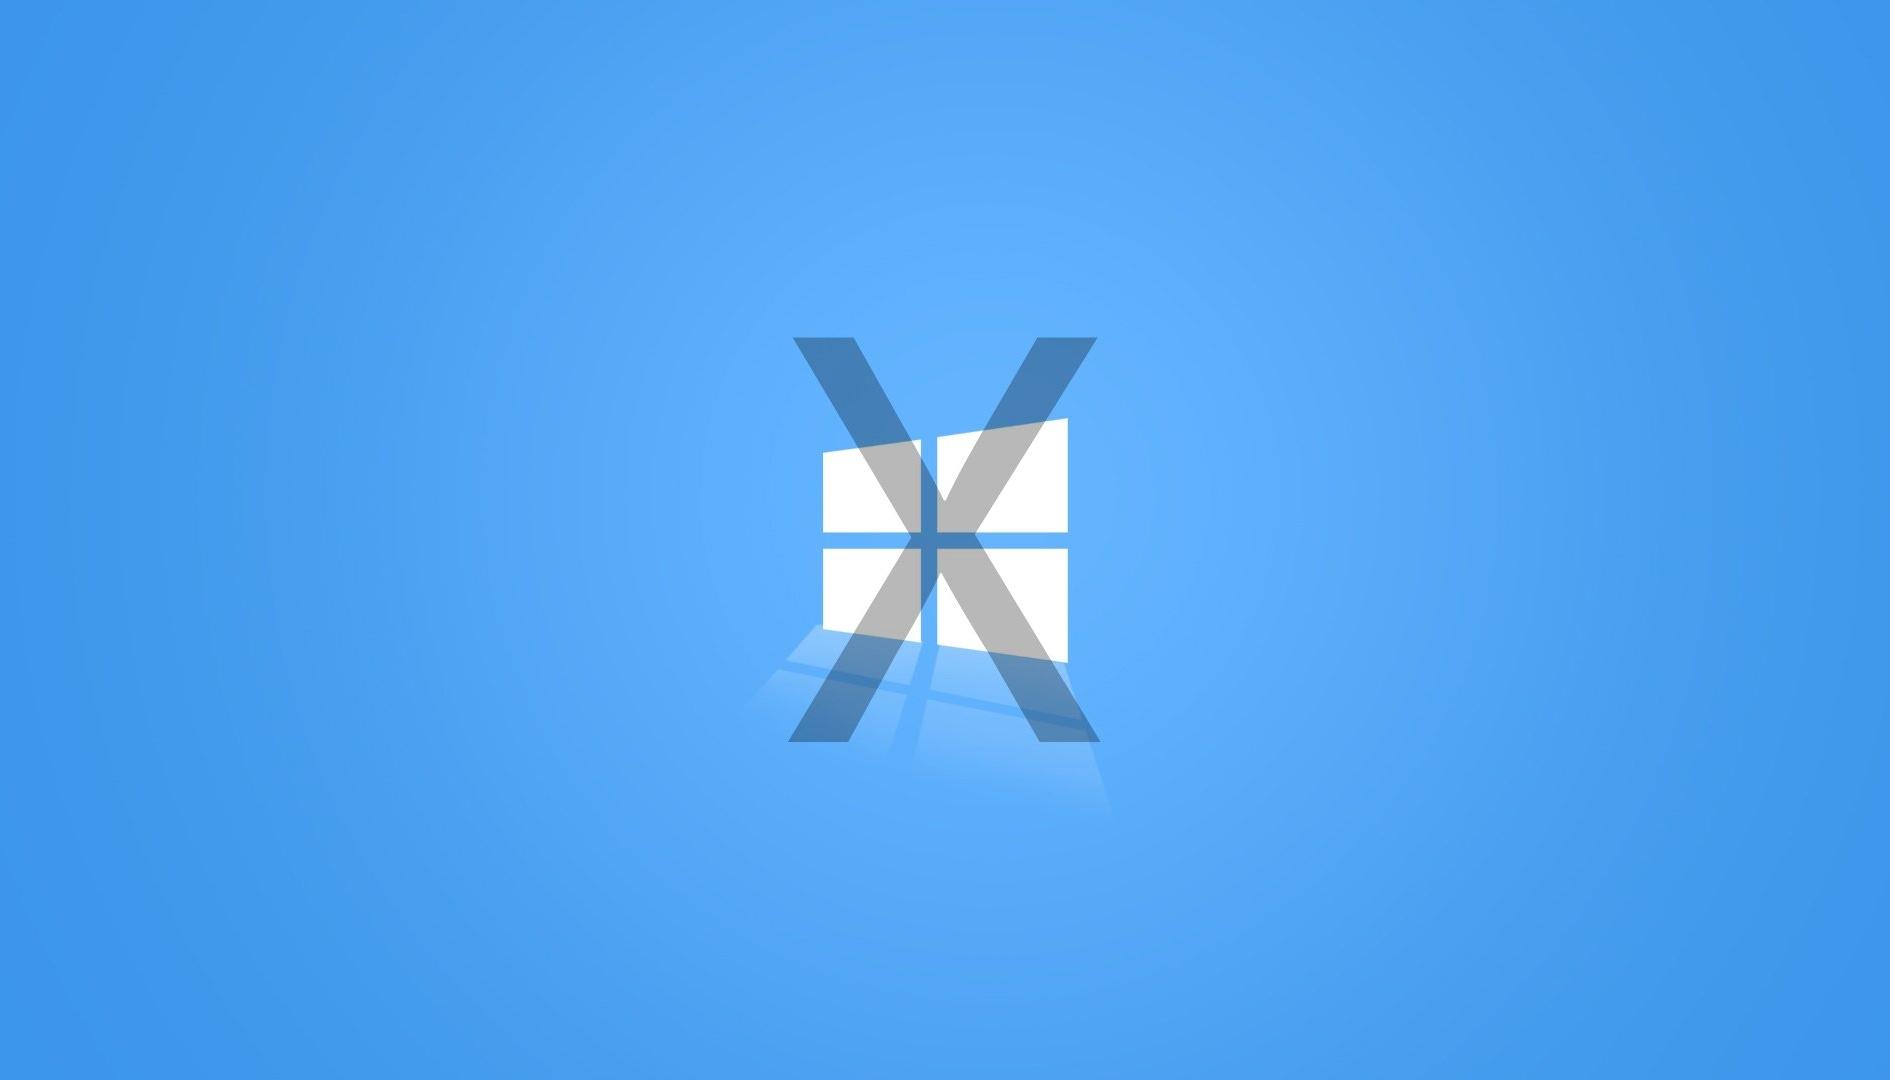 Windows 10X addio: la priorità è migliorare Windows 10